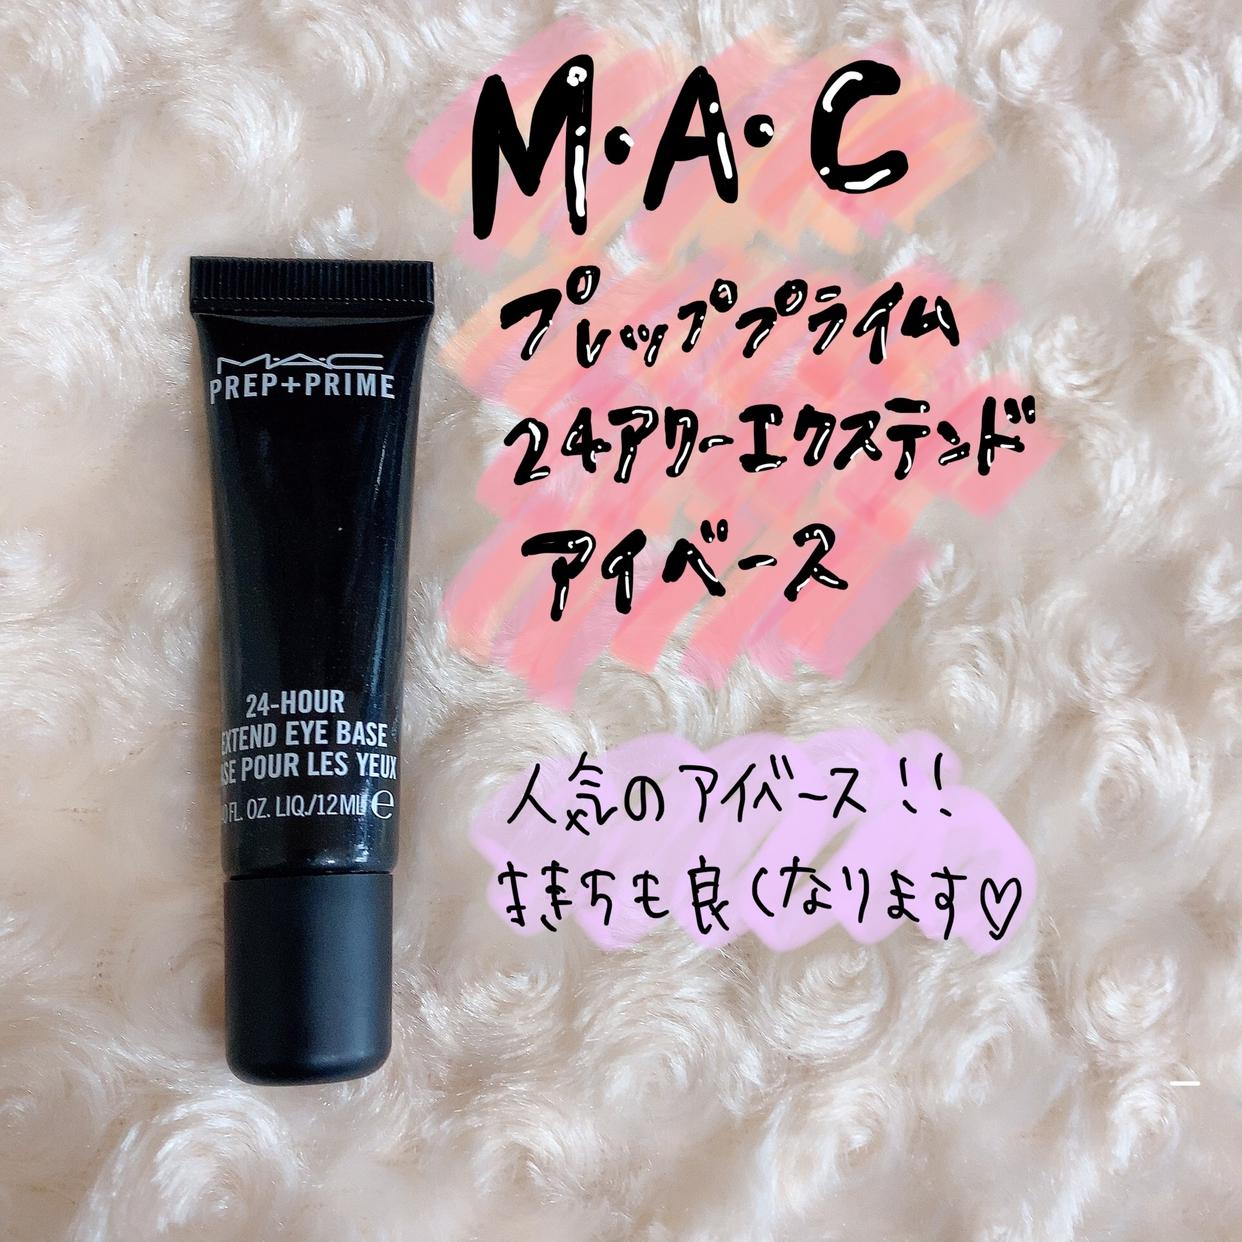 M・A・C(マック) プレップ プライム 24 アワー エクステンド アイ ベースを使ったASAMIさんのクチコミ画像1